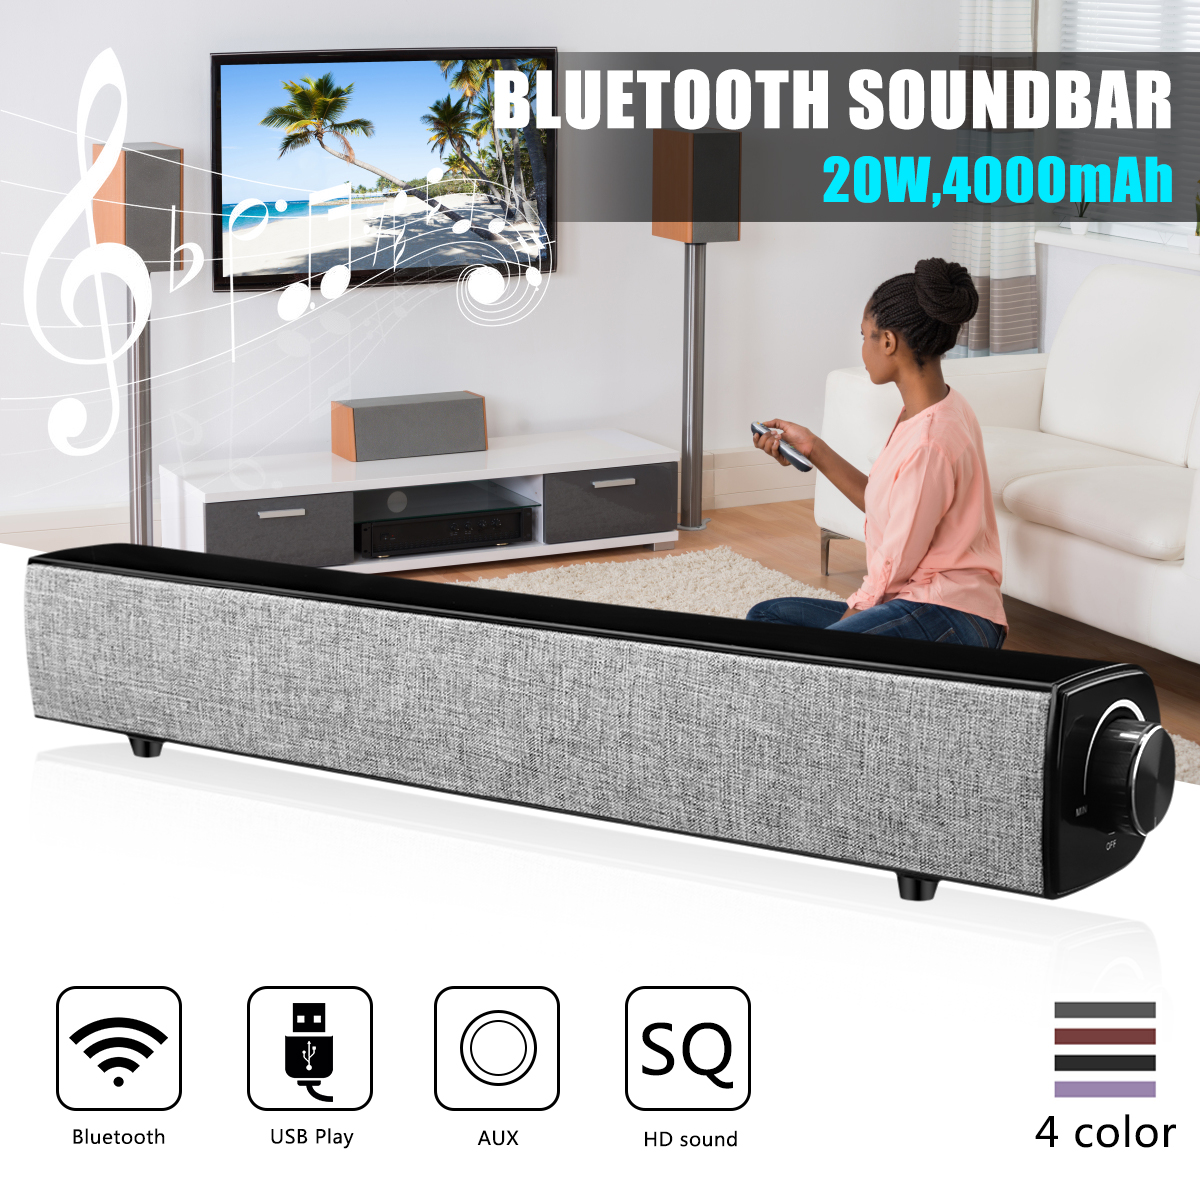 20 w Bluetooth Haut-Parleur Soundbar 4000 mah Sans Fil Basse Stéréo Subwoofer USB Aux 3.5mm pour Home Cinéma Smartphone PC